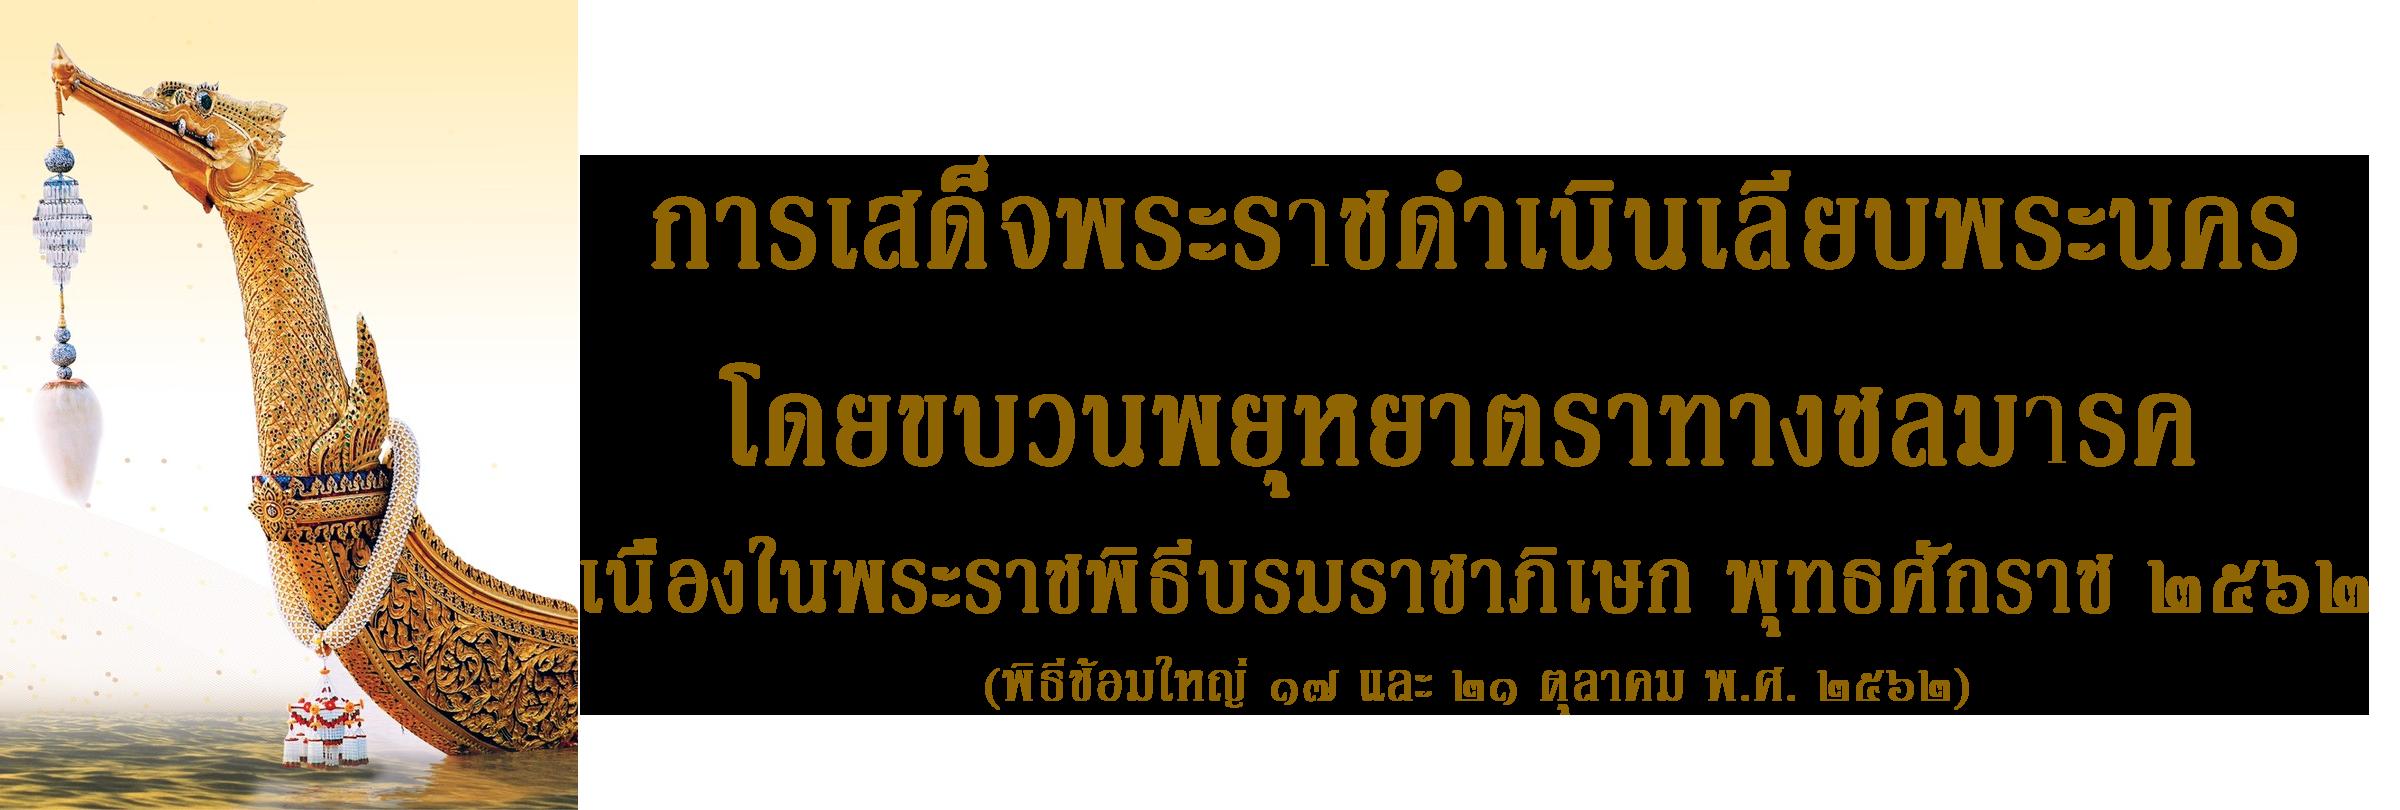 การเสด็จพระราชดำเนินเลียบพระนคร โดยขบวนพ